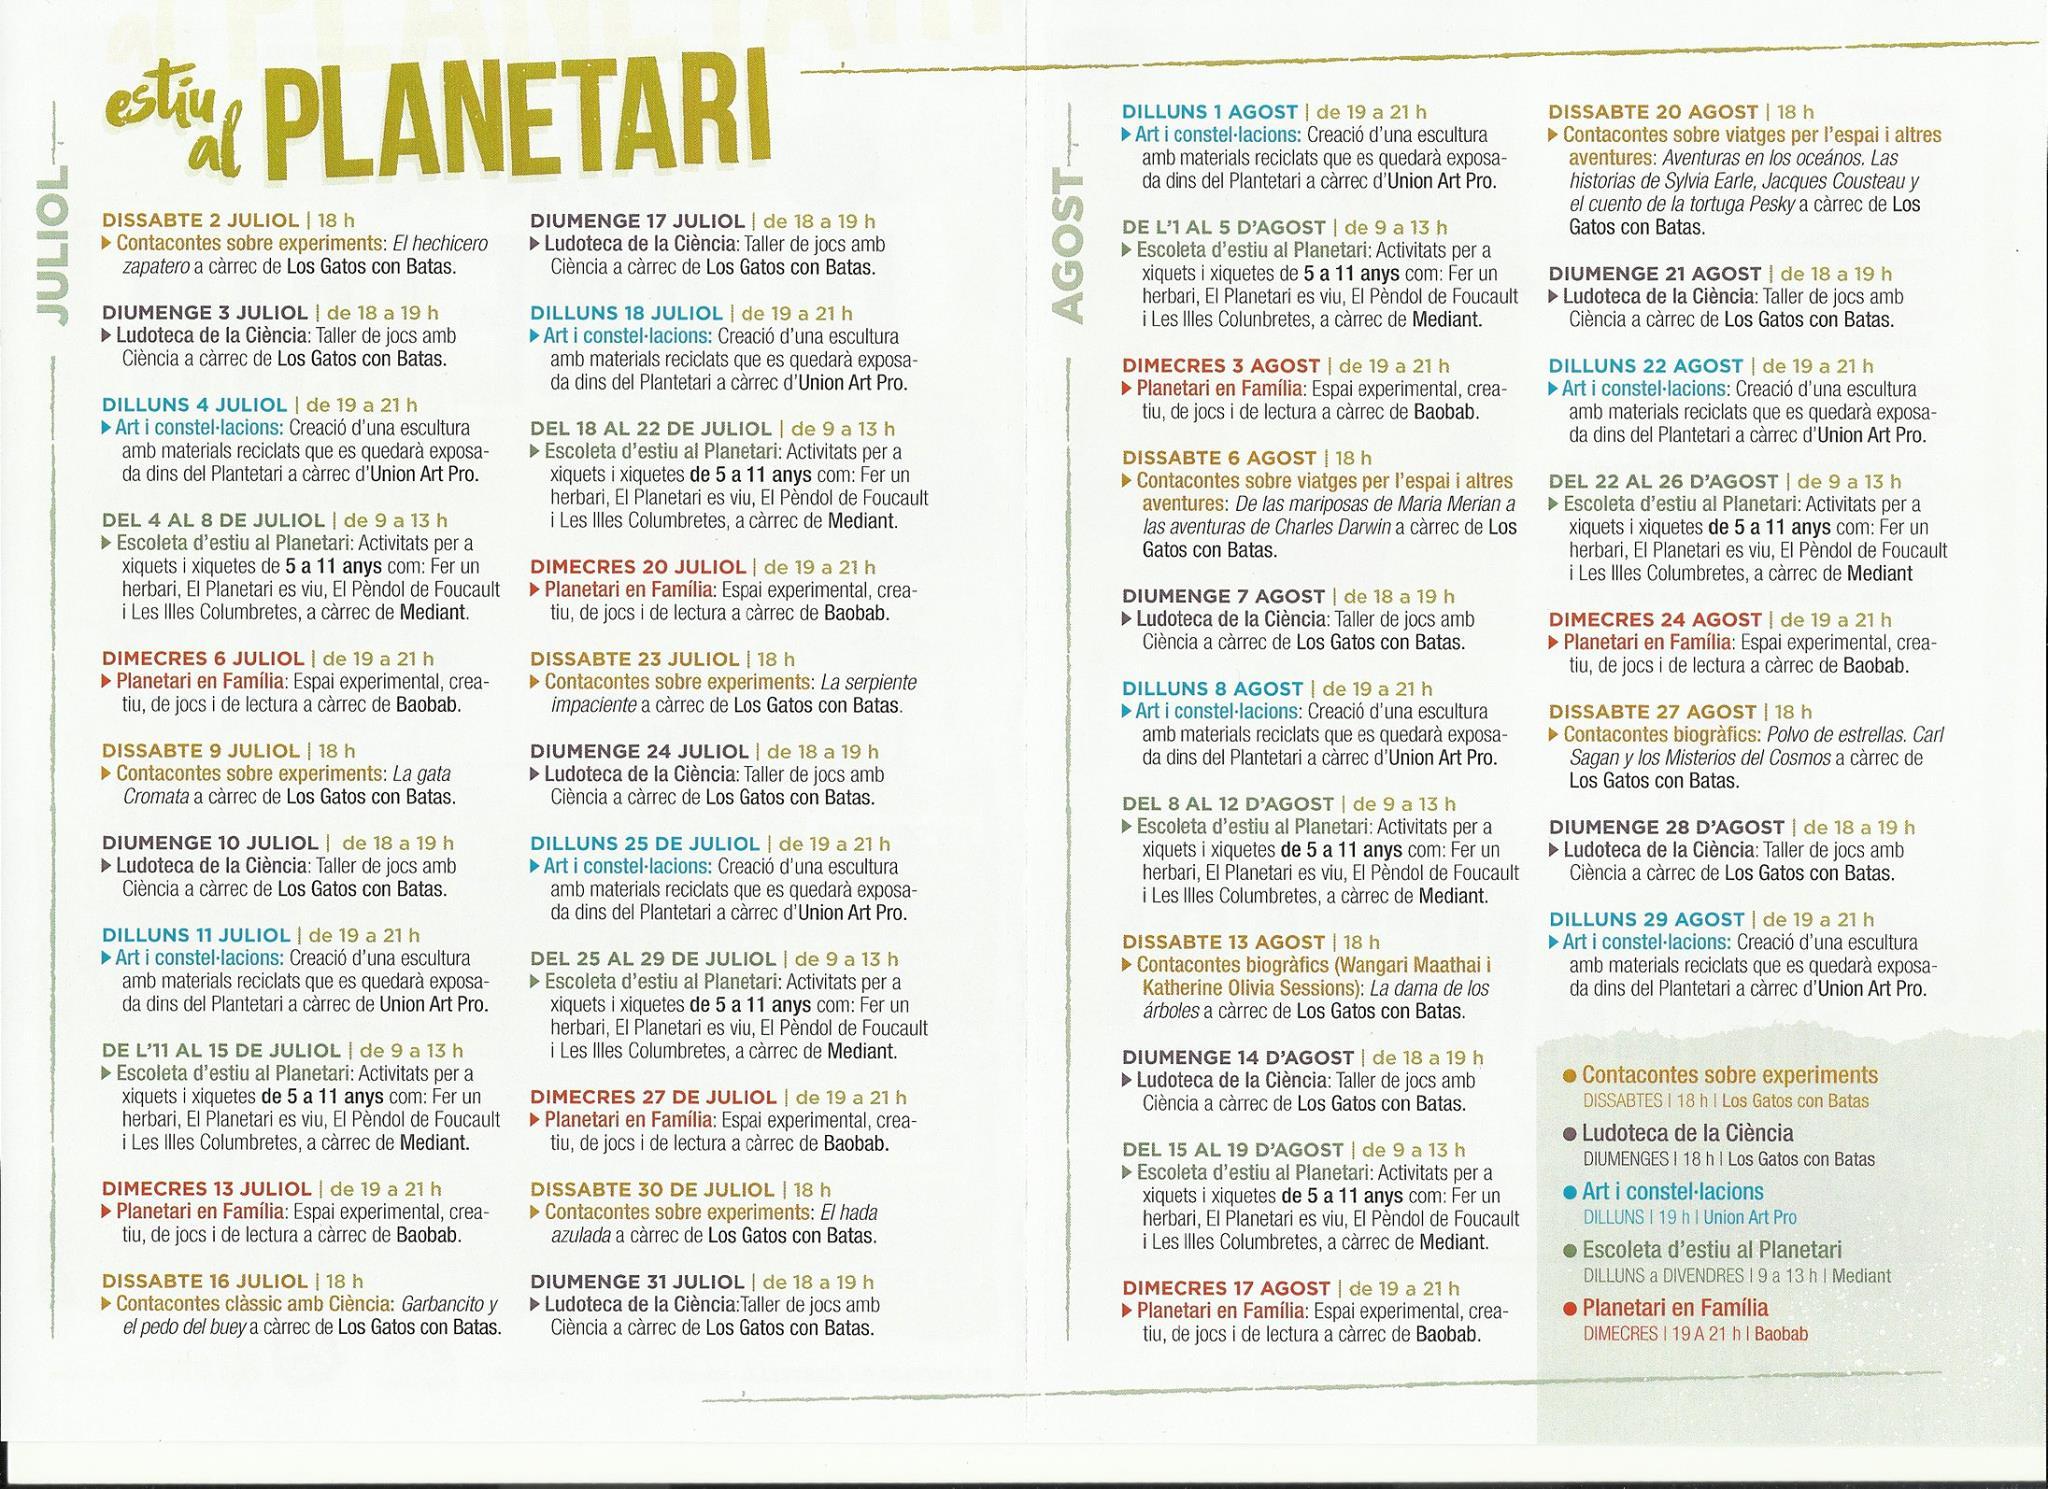 estiu al planetari3